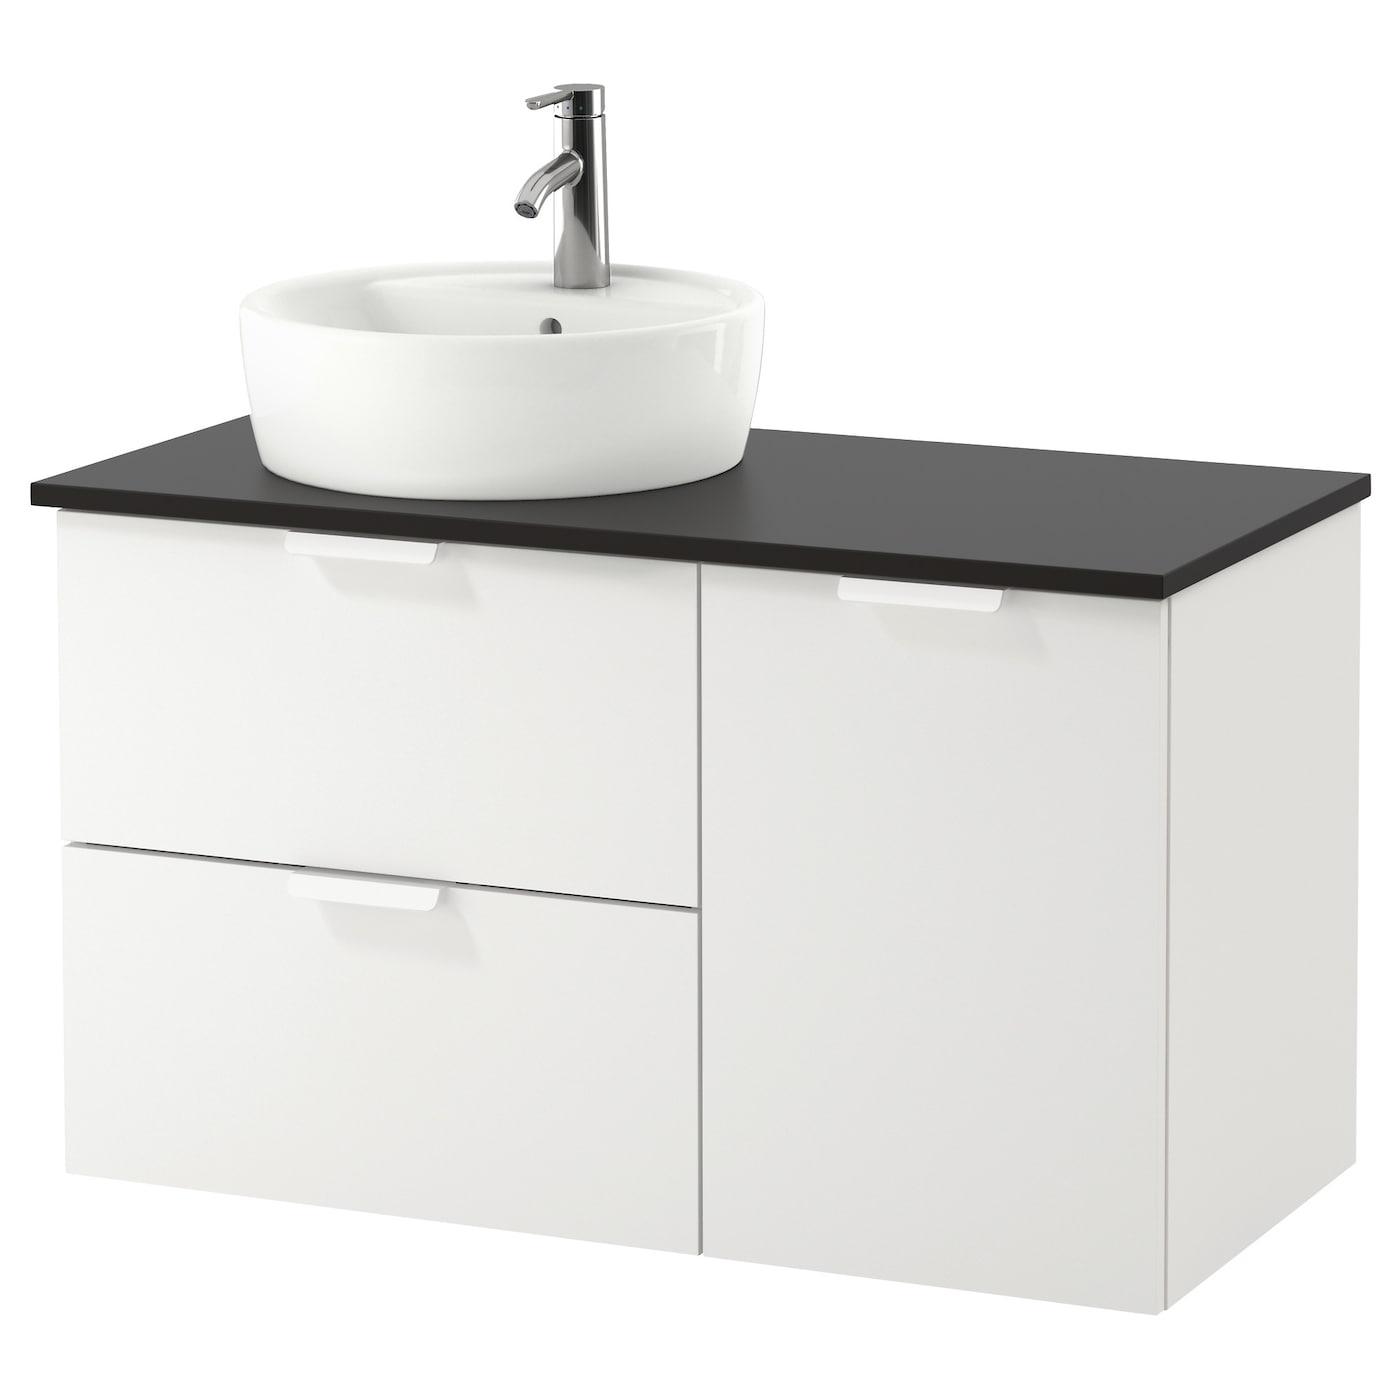 Muebles de ba o y lavabo compra online ikea - Ikea banos muebles lavabo ...